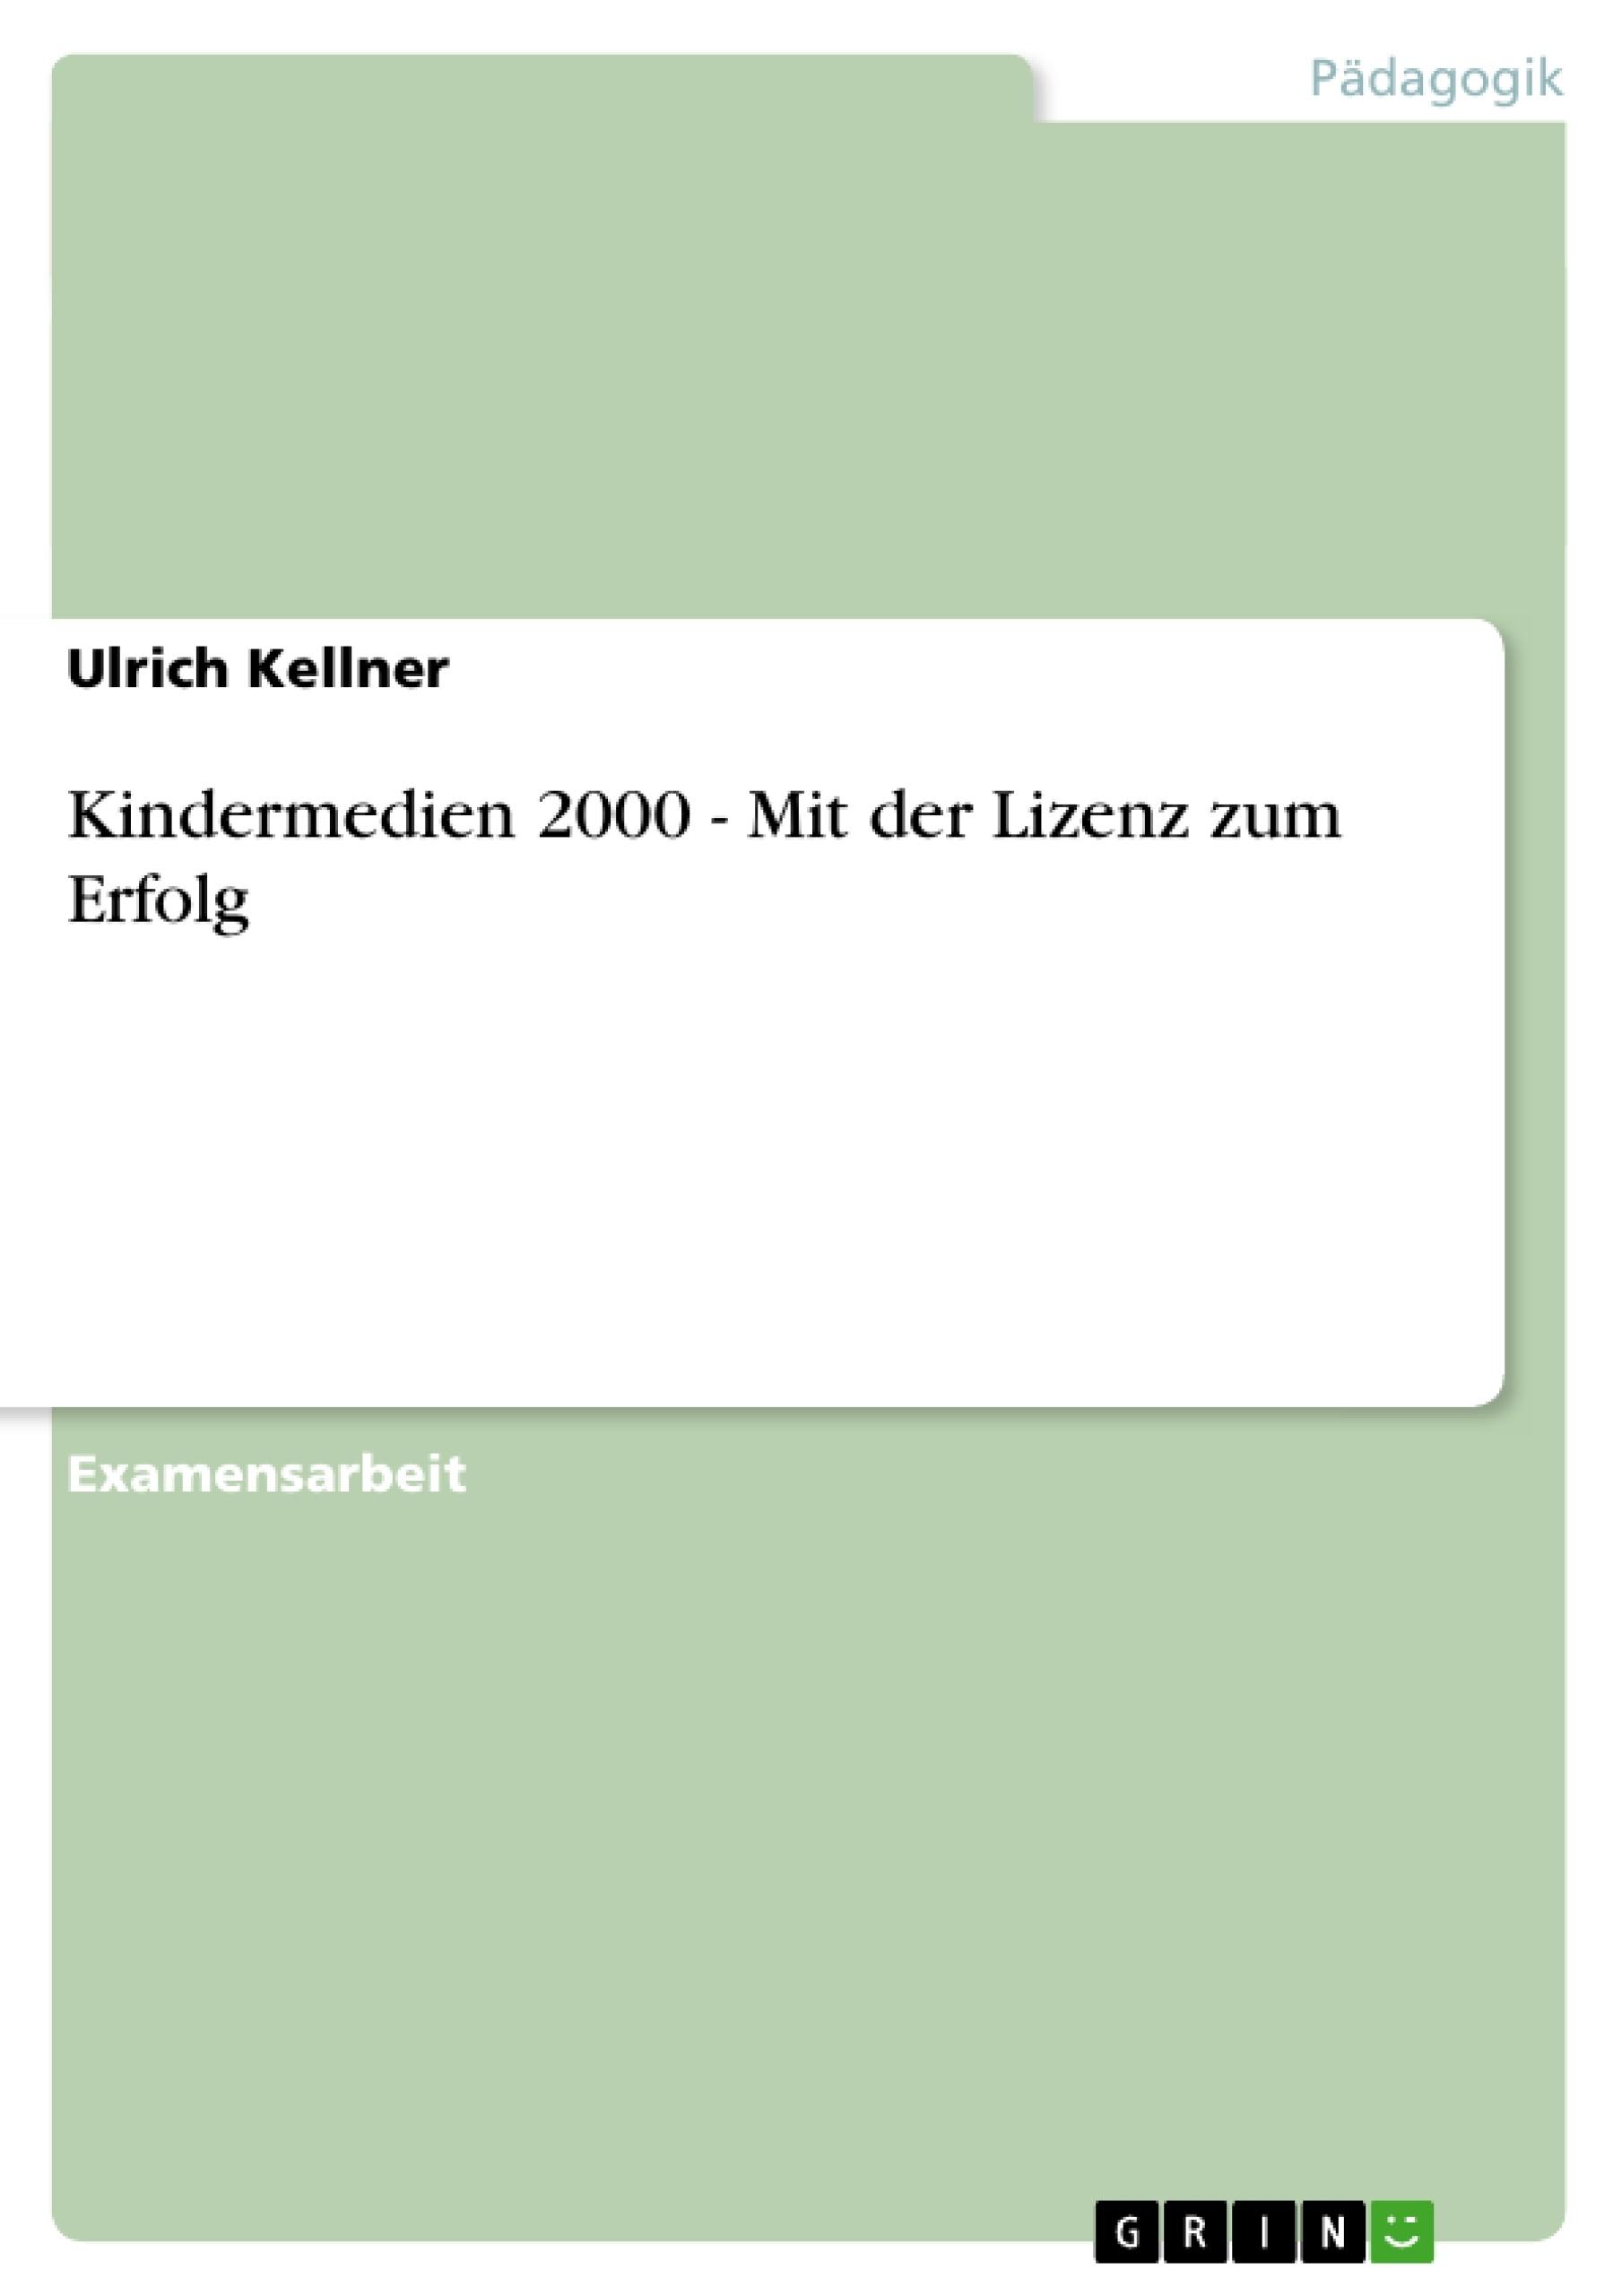 Titel: Kindermedien 2000 - Mit der Lizenz zum Erfolg